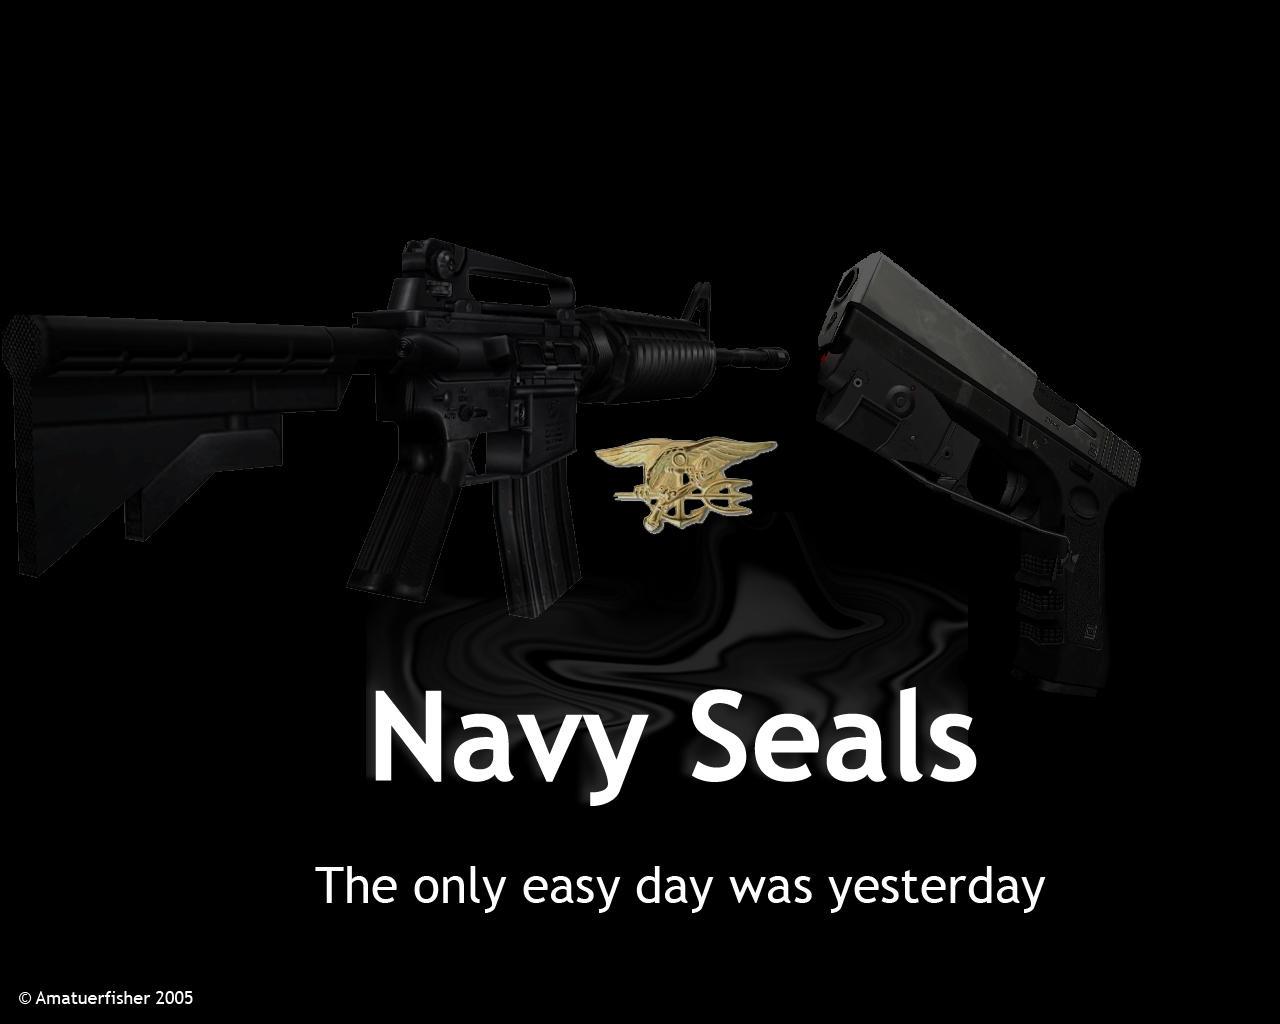 Navy Seals by amatuerfisher on DeviantArt